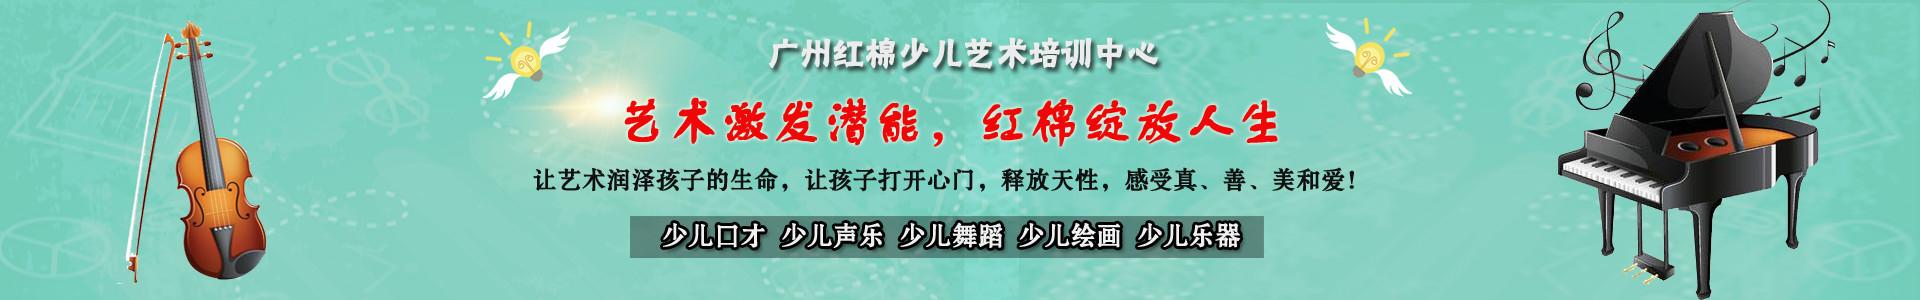 广州红棉少儿艺术培训中心